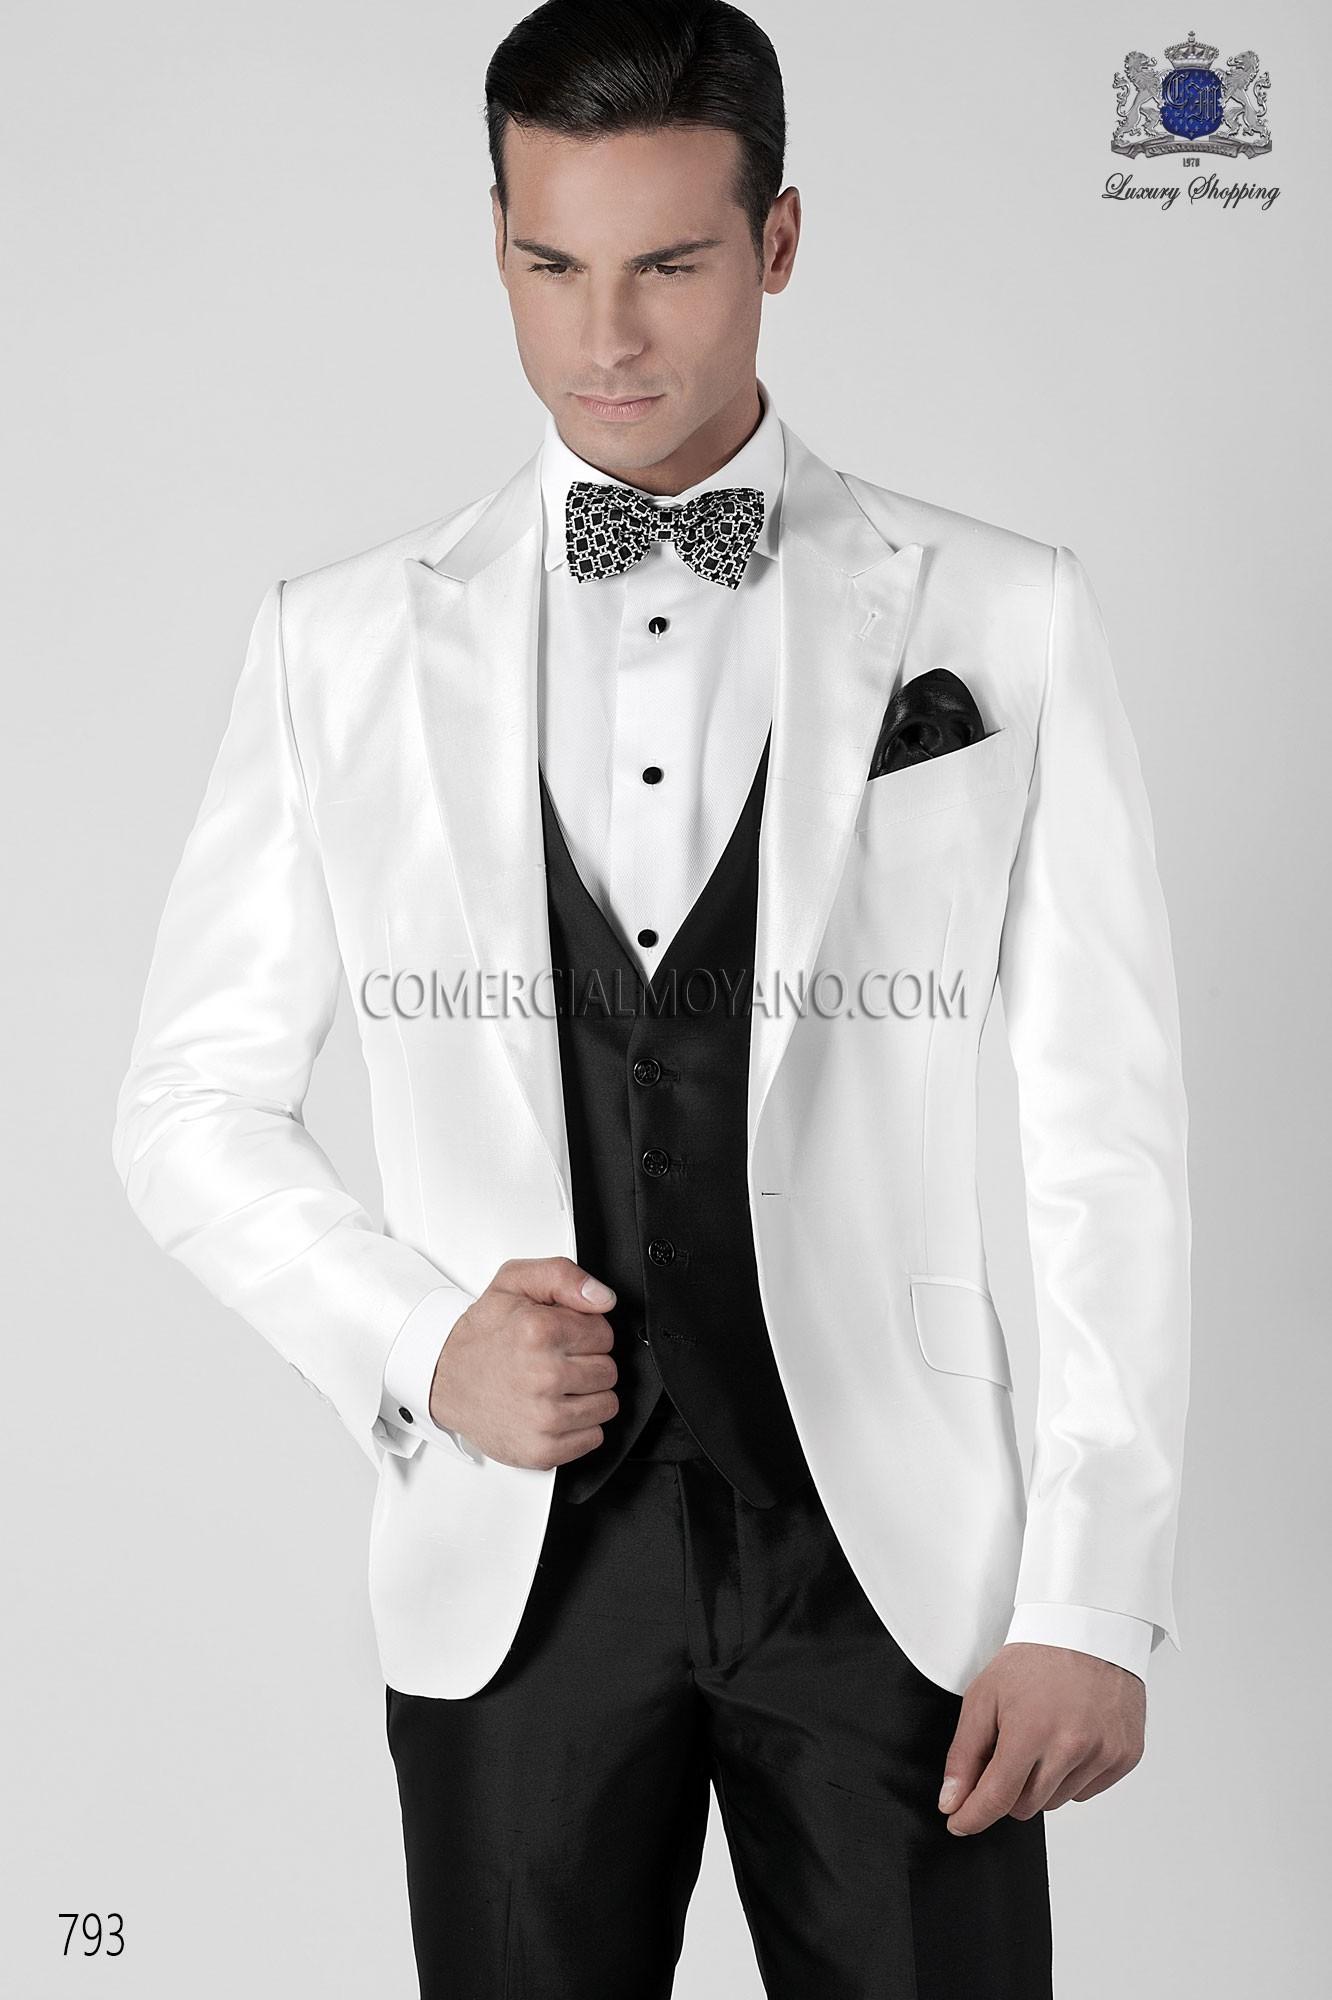 Traje de novio italiano esmoquin blanco modelo 793 Ottavio Nuccio Gala. e0eadd91547